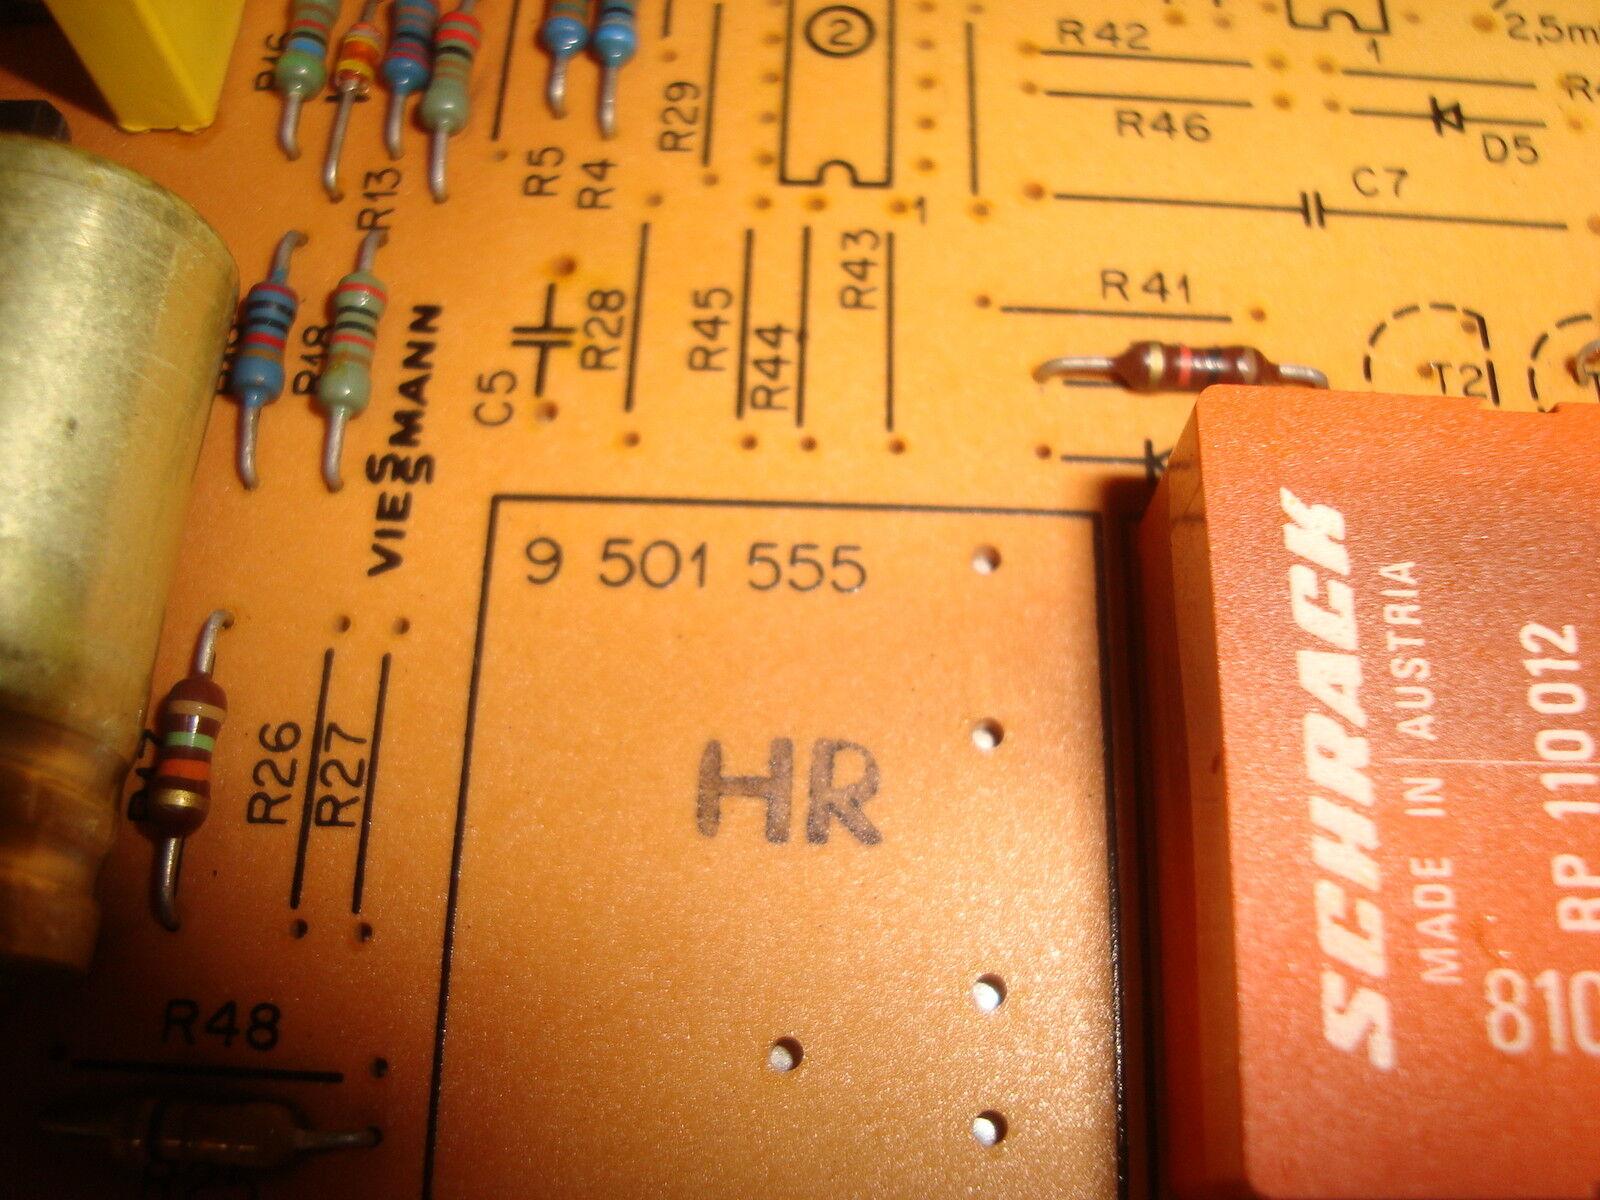 Viessmann 9501555, Platine Tetramatik, 2 J. Garantie      d512 a273d2